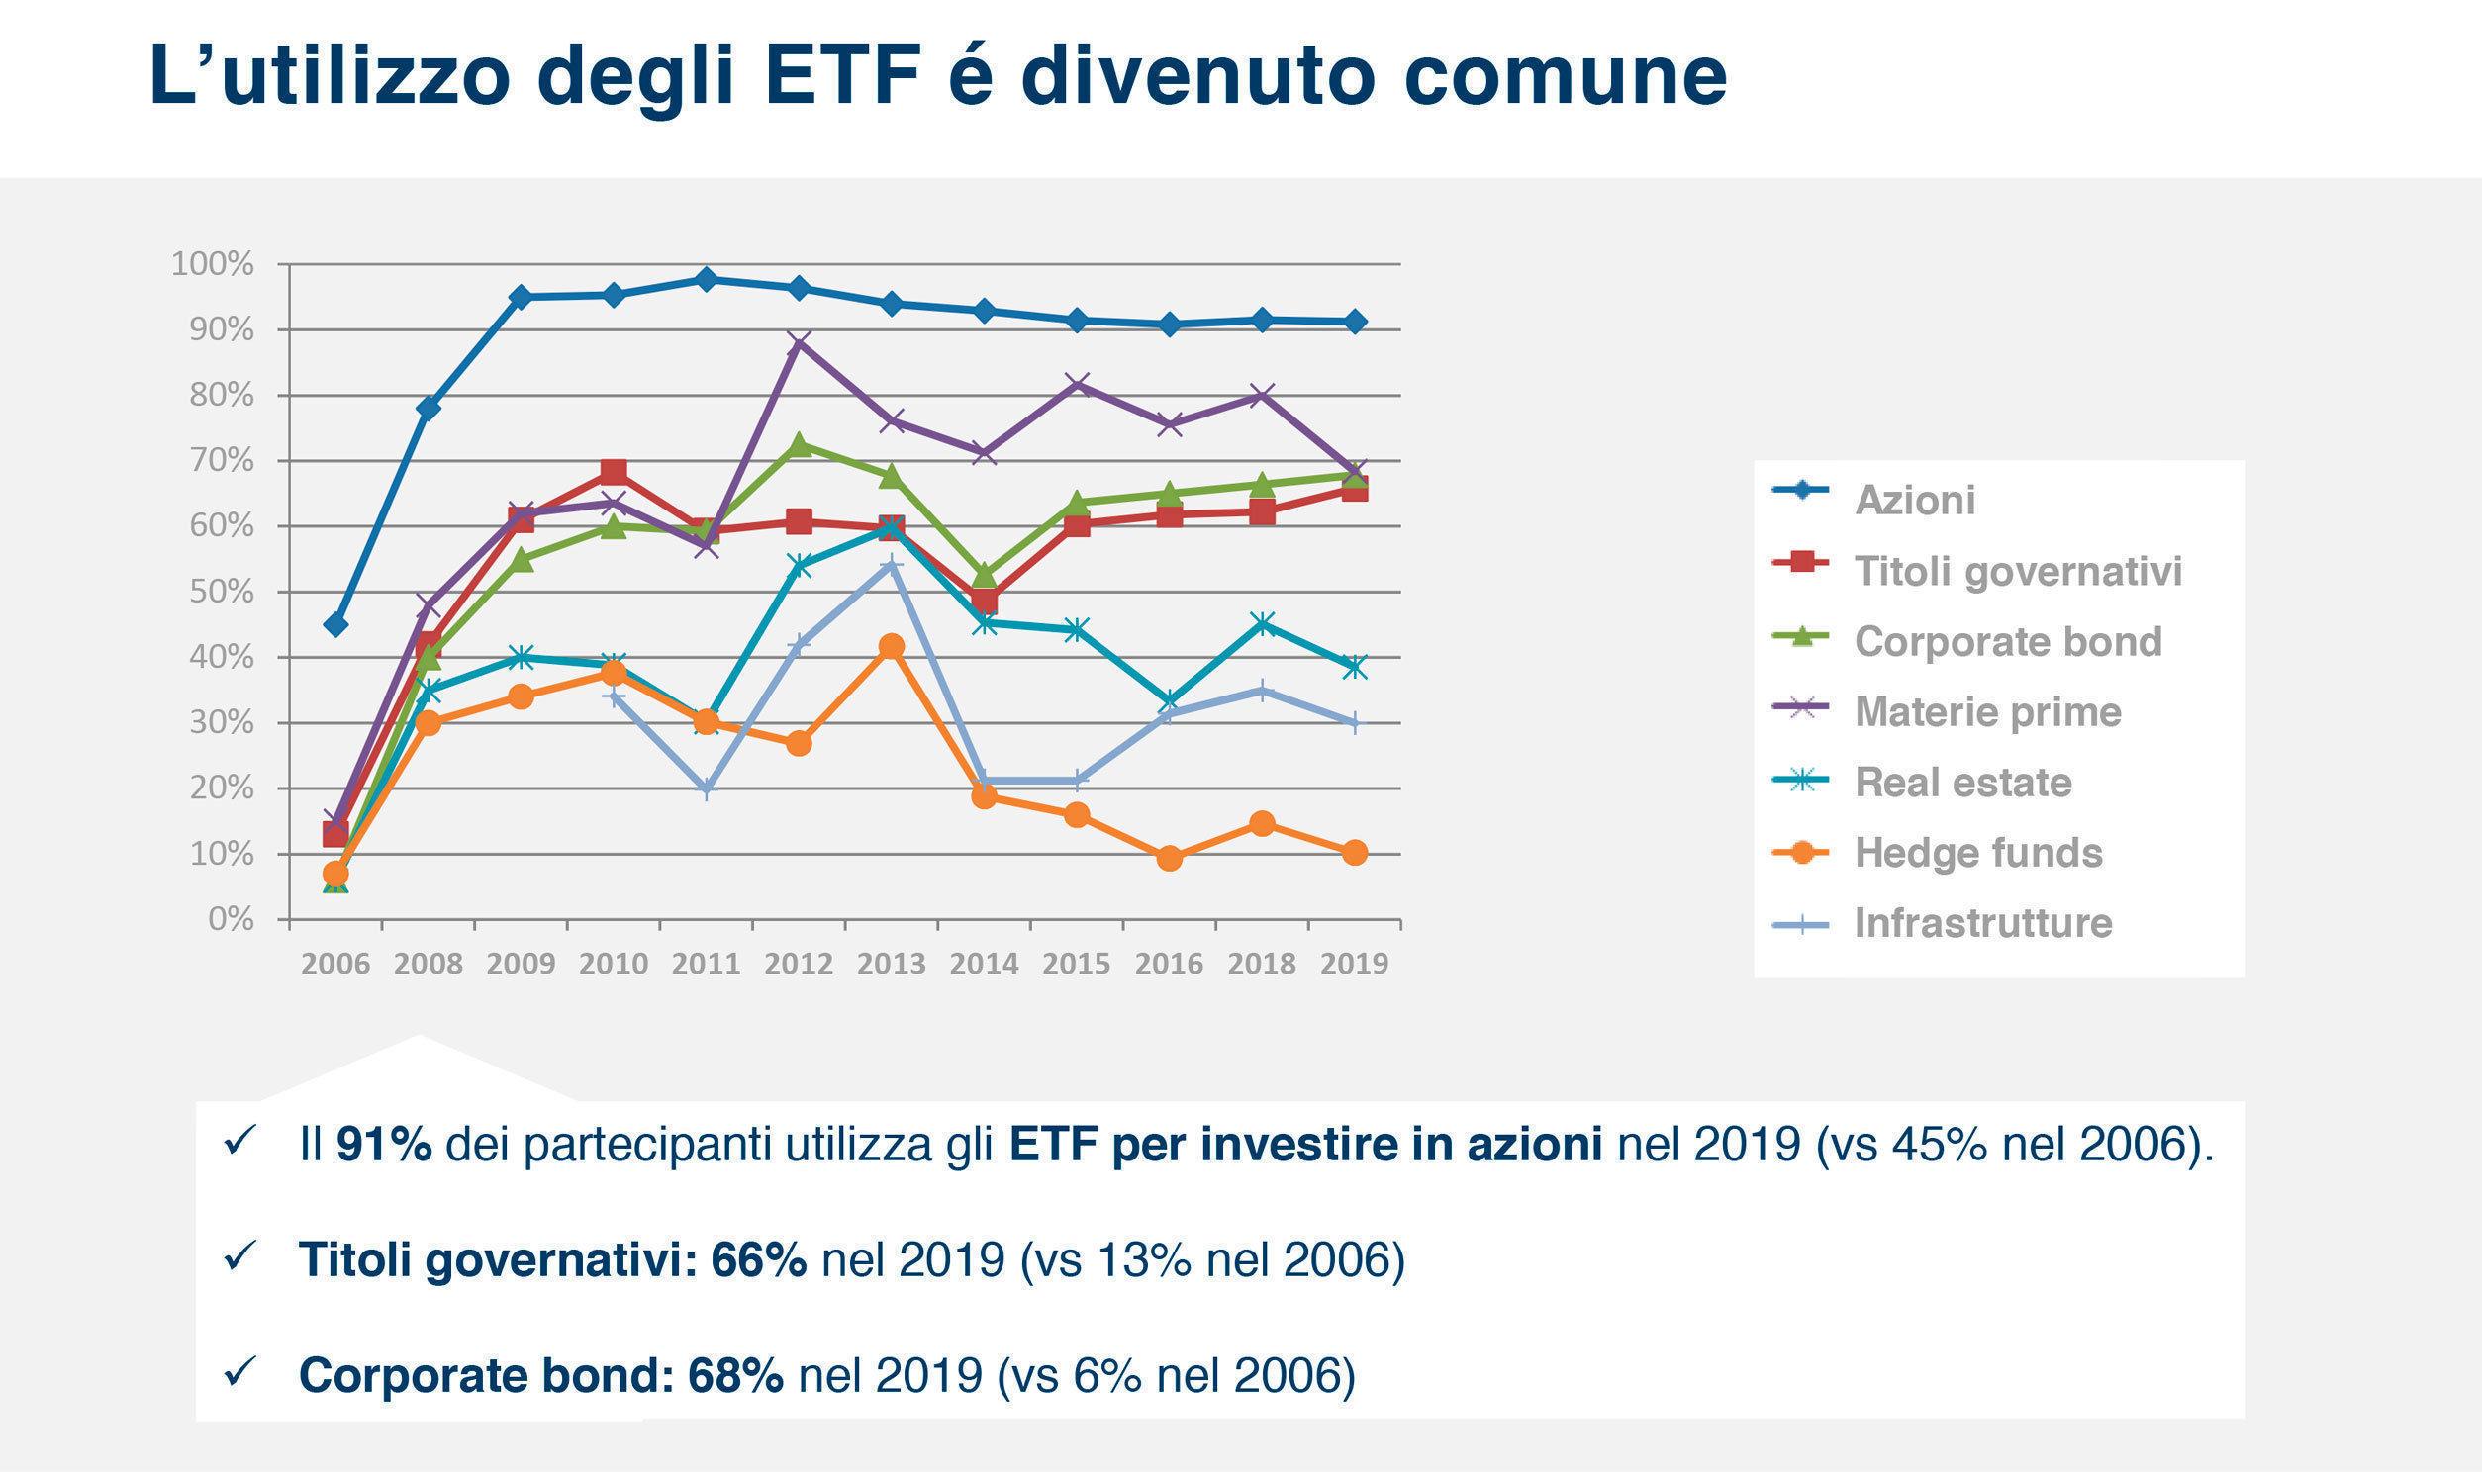 Amundi ETF 11